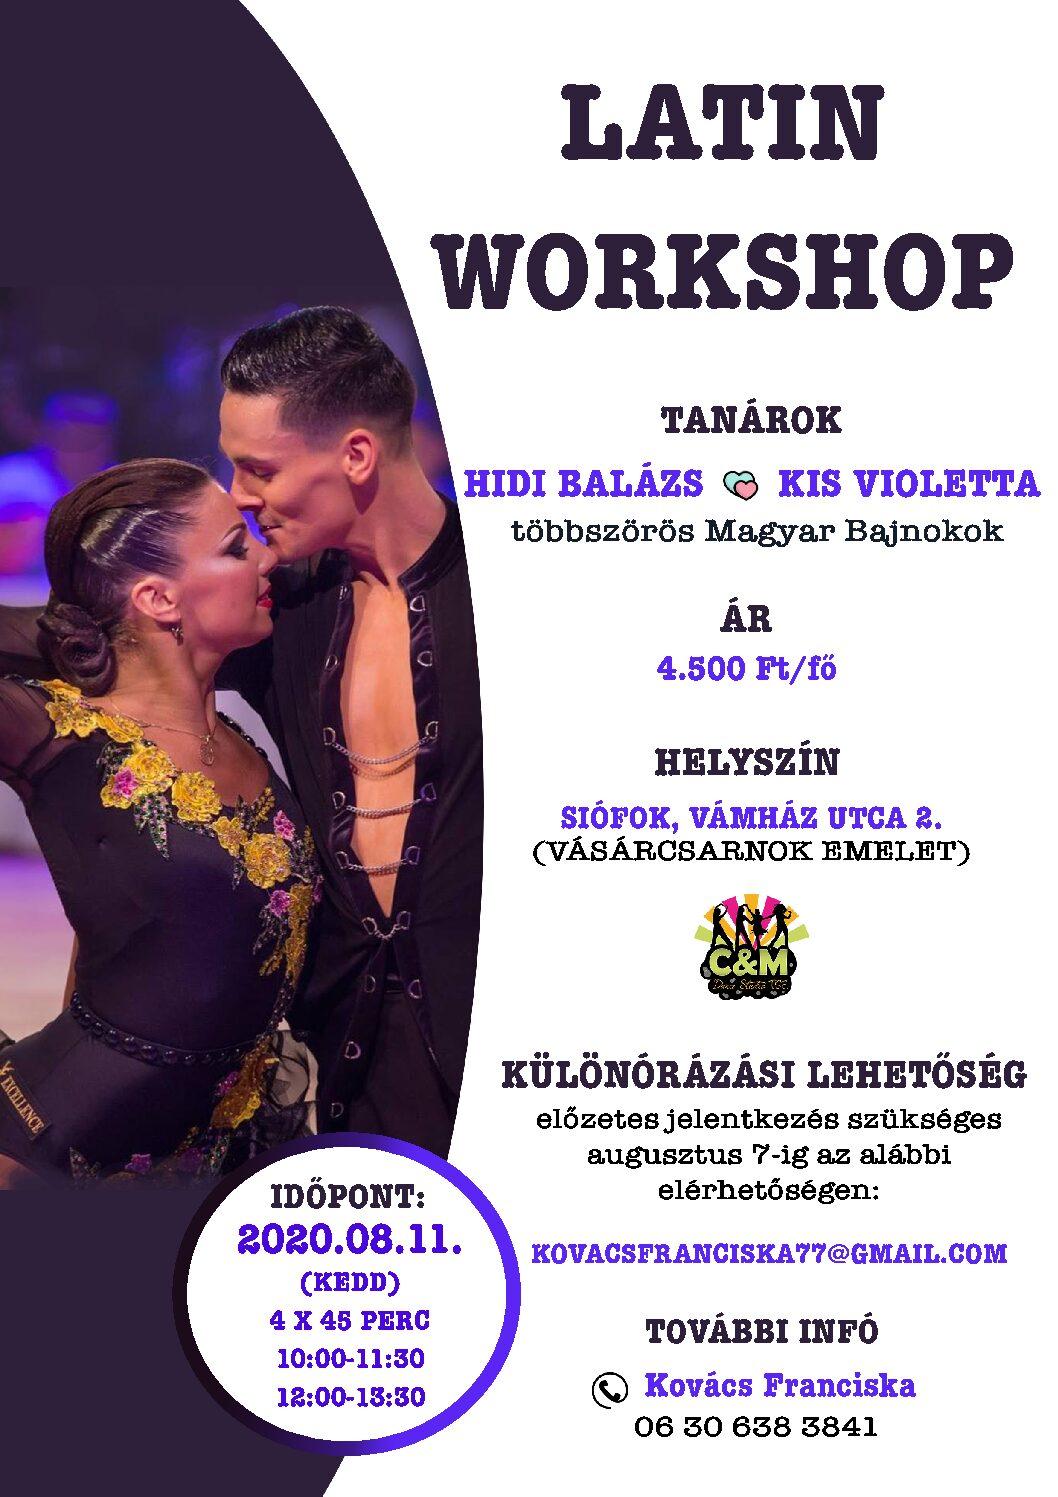 Latin Workshop Lettivel és Balázzsal